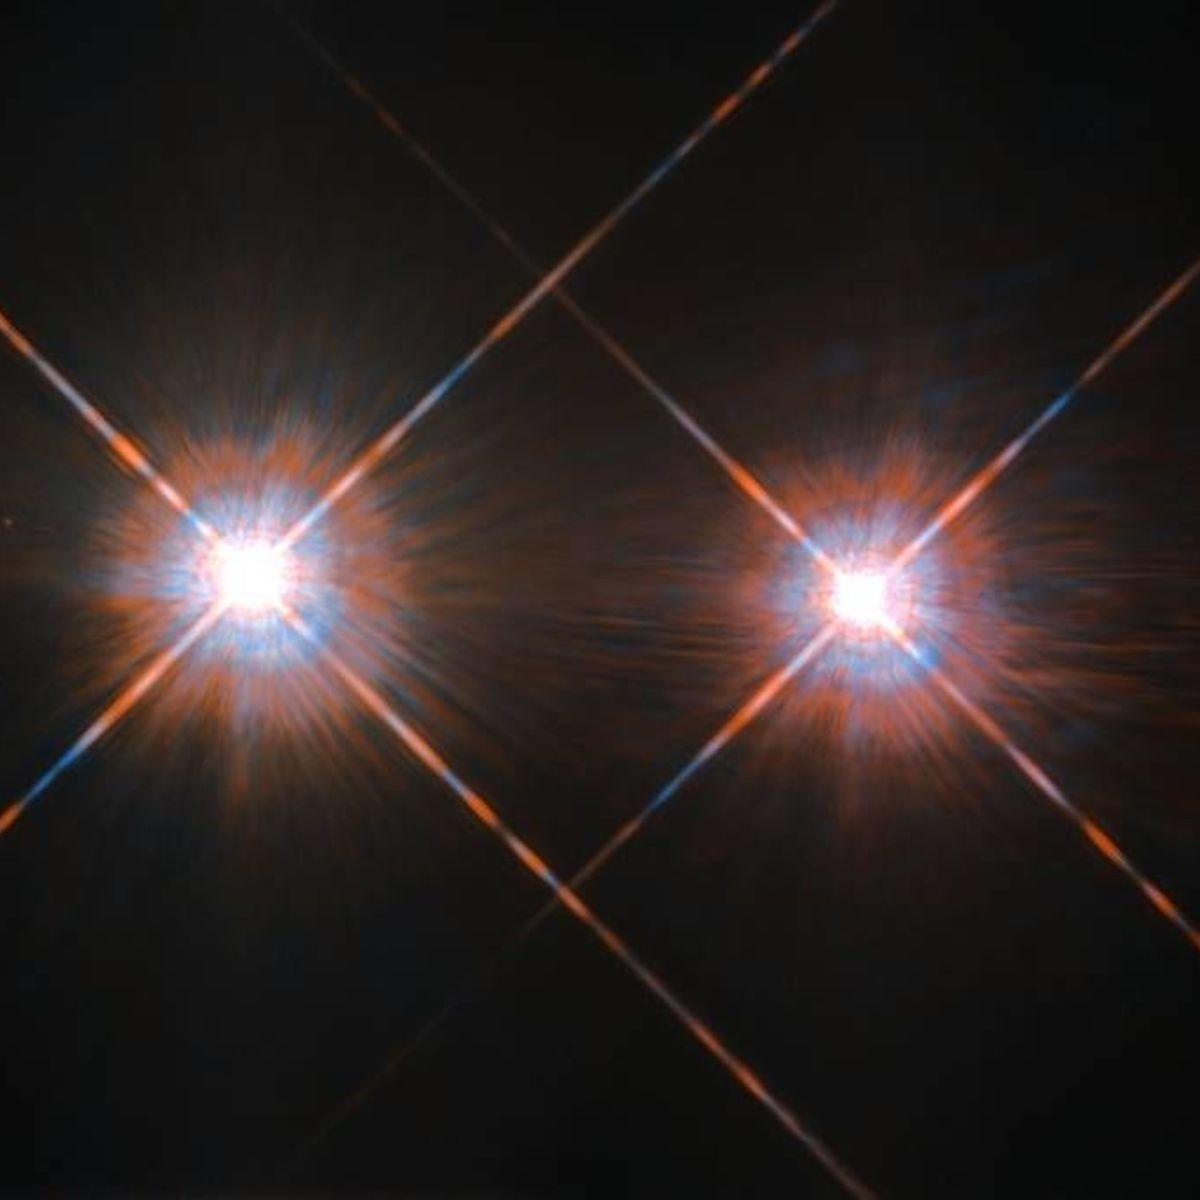 Alpha Centauri A and B